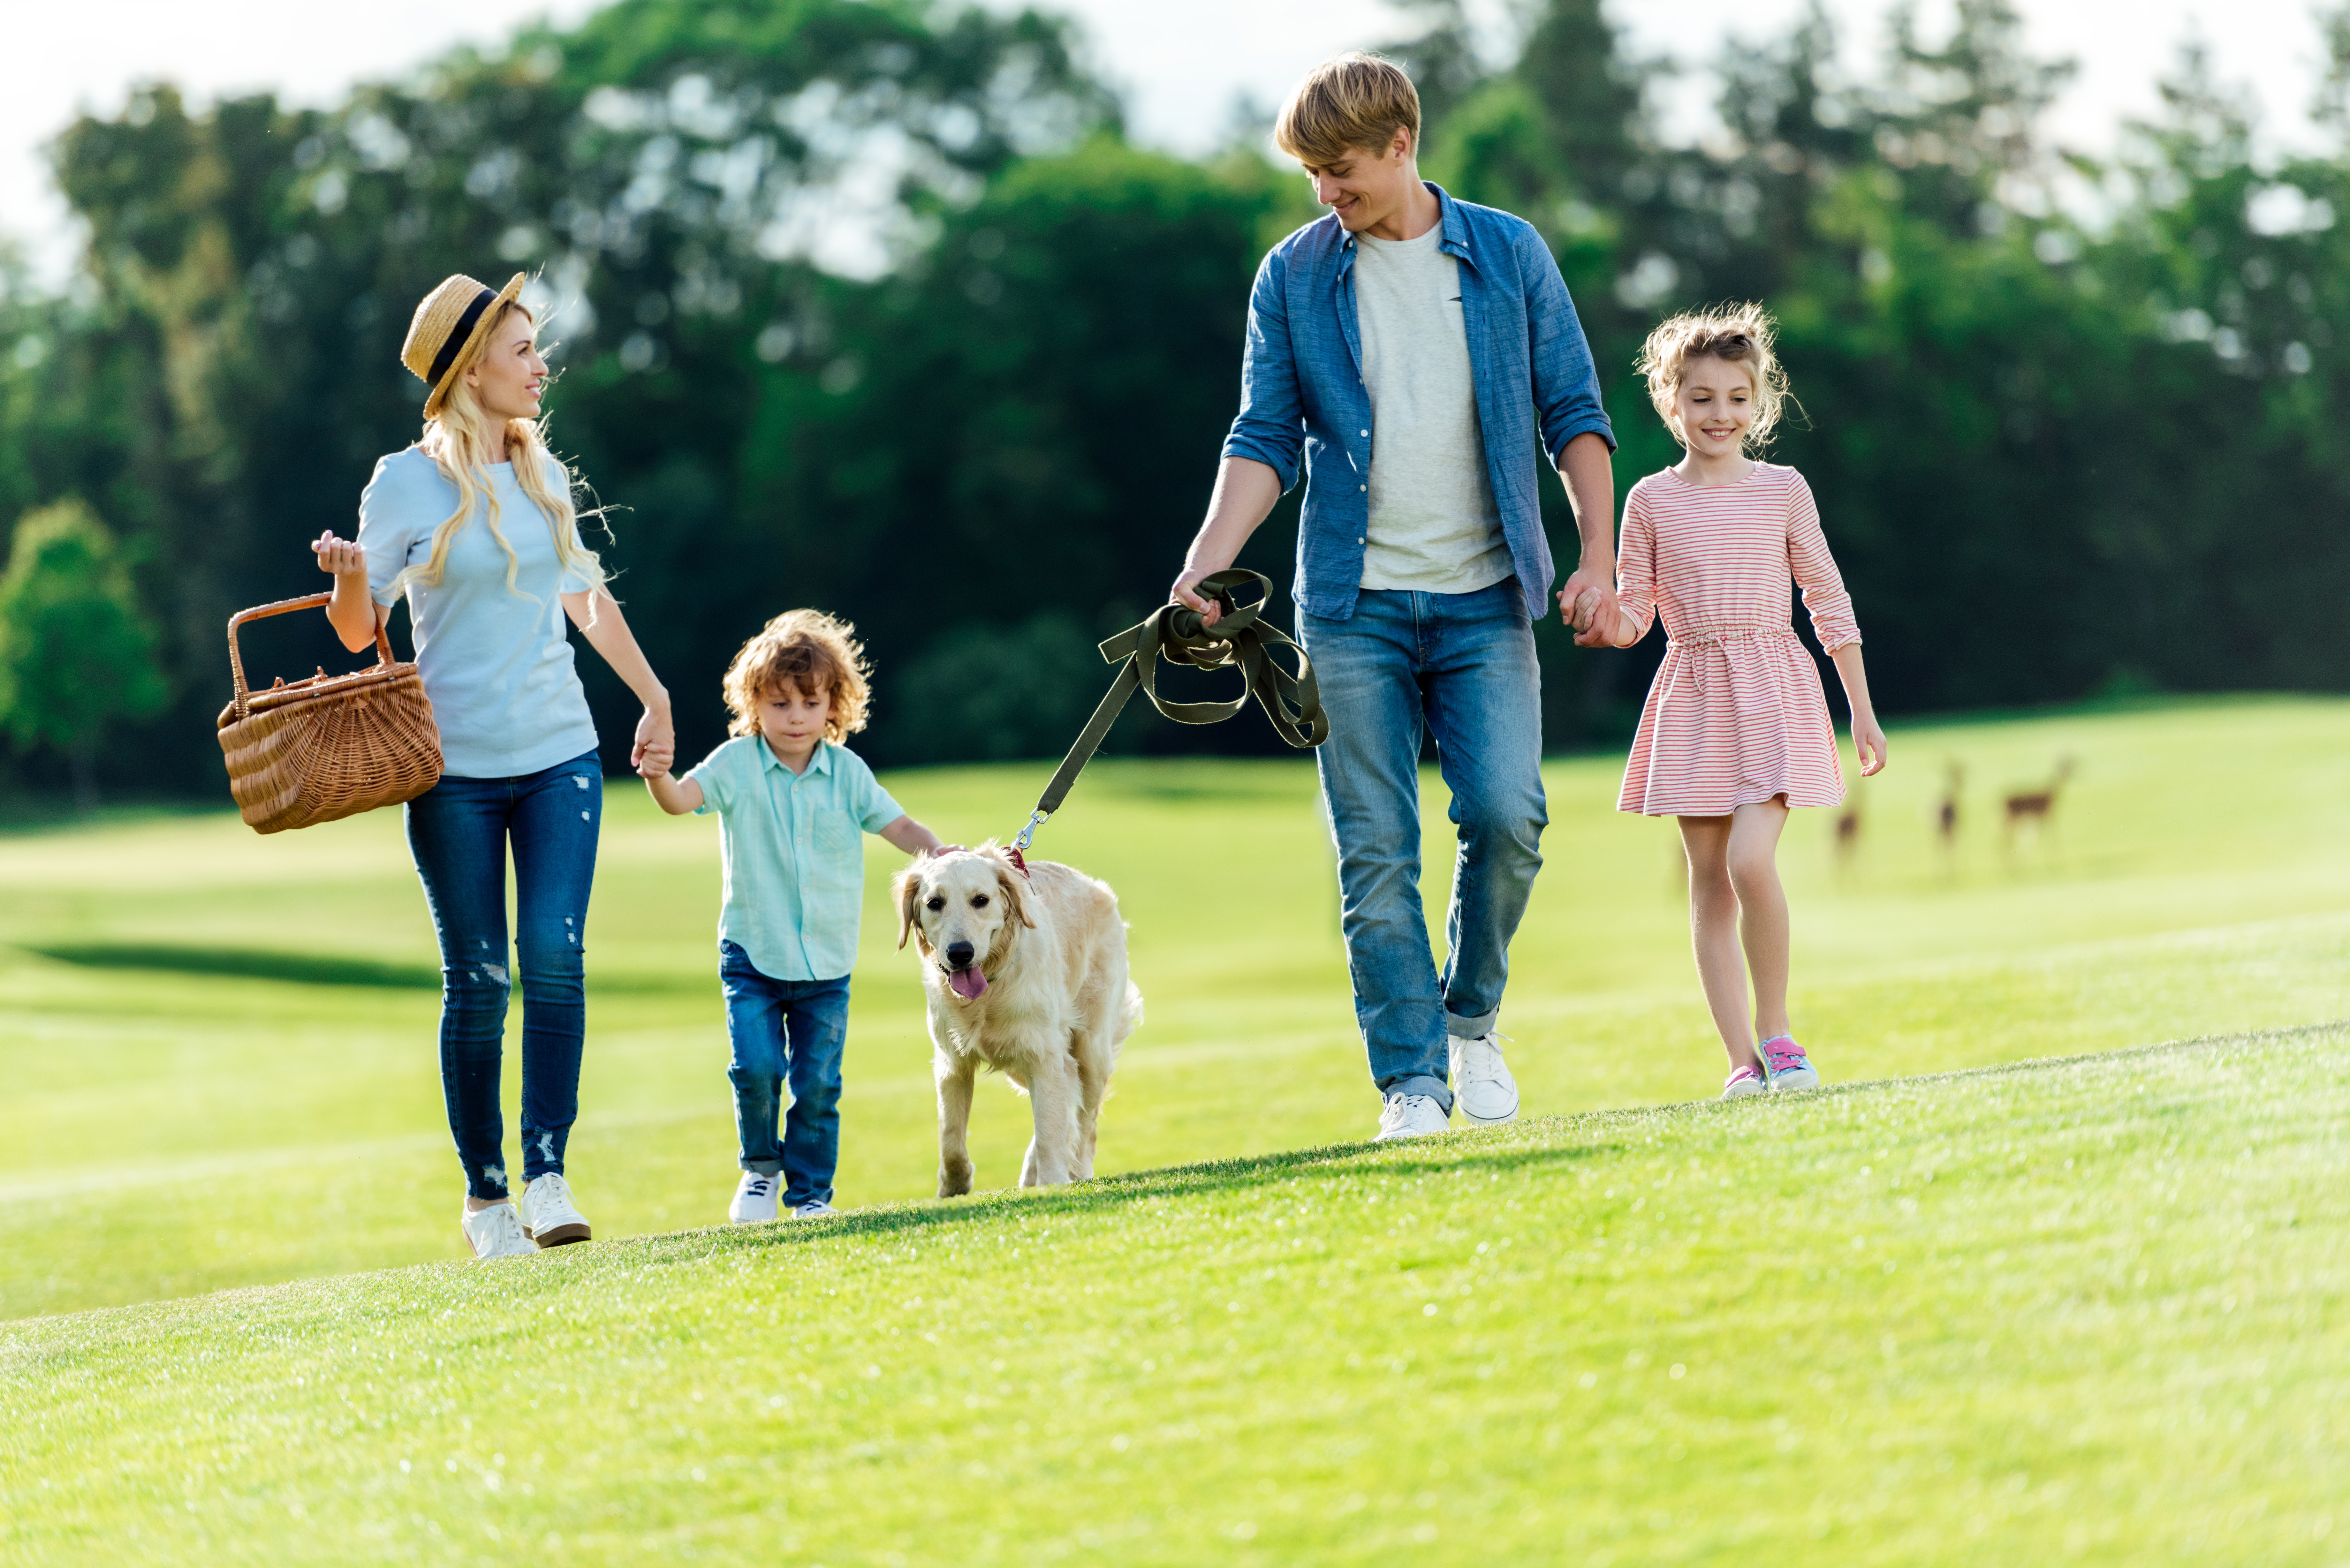 Семья на прогулке с детьми и собакой